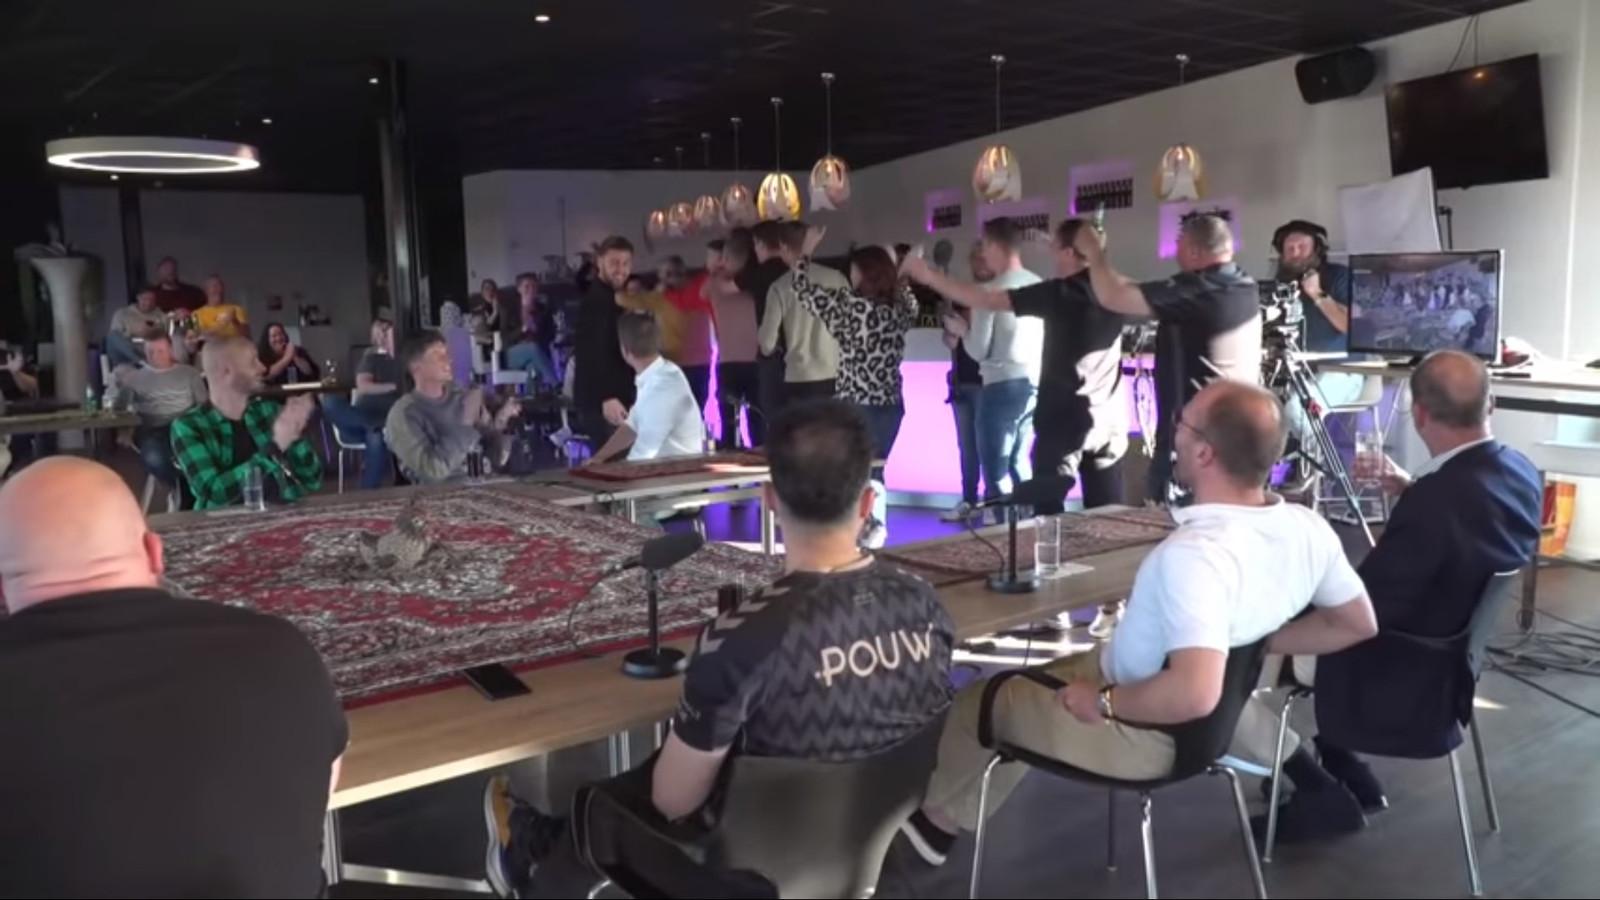 Elf leden van staf en team van Go Ahead Eagles maakten een feestelijke polonaise door de ruimte waar op dat moment een coronaproof uitzending werd gemaakt van de talkshow Café 1902 TV.